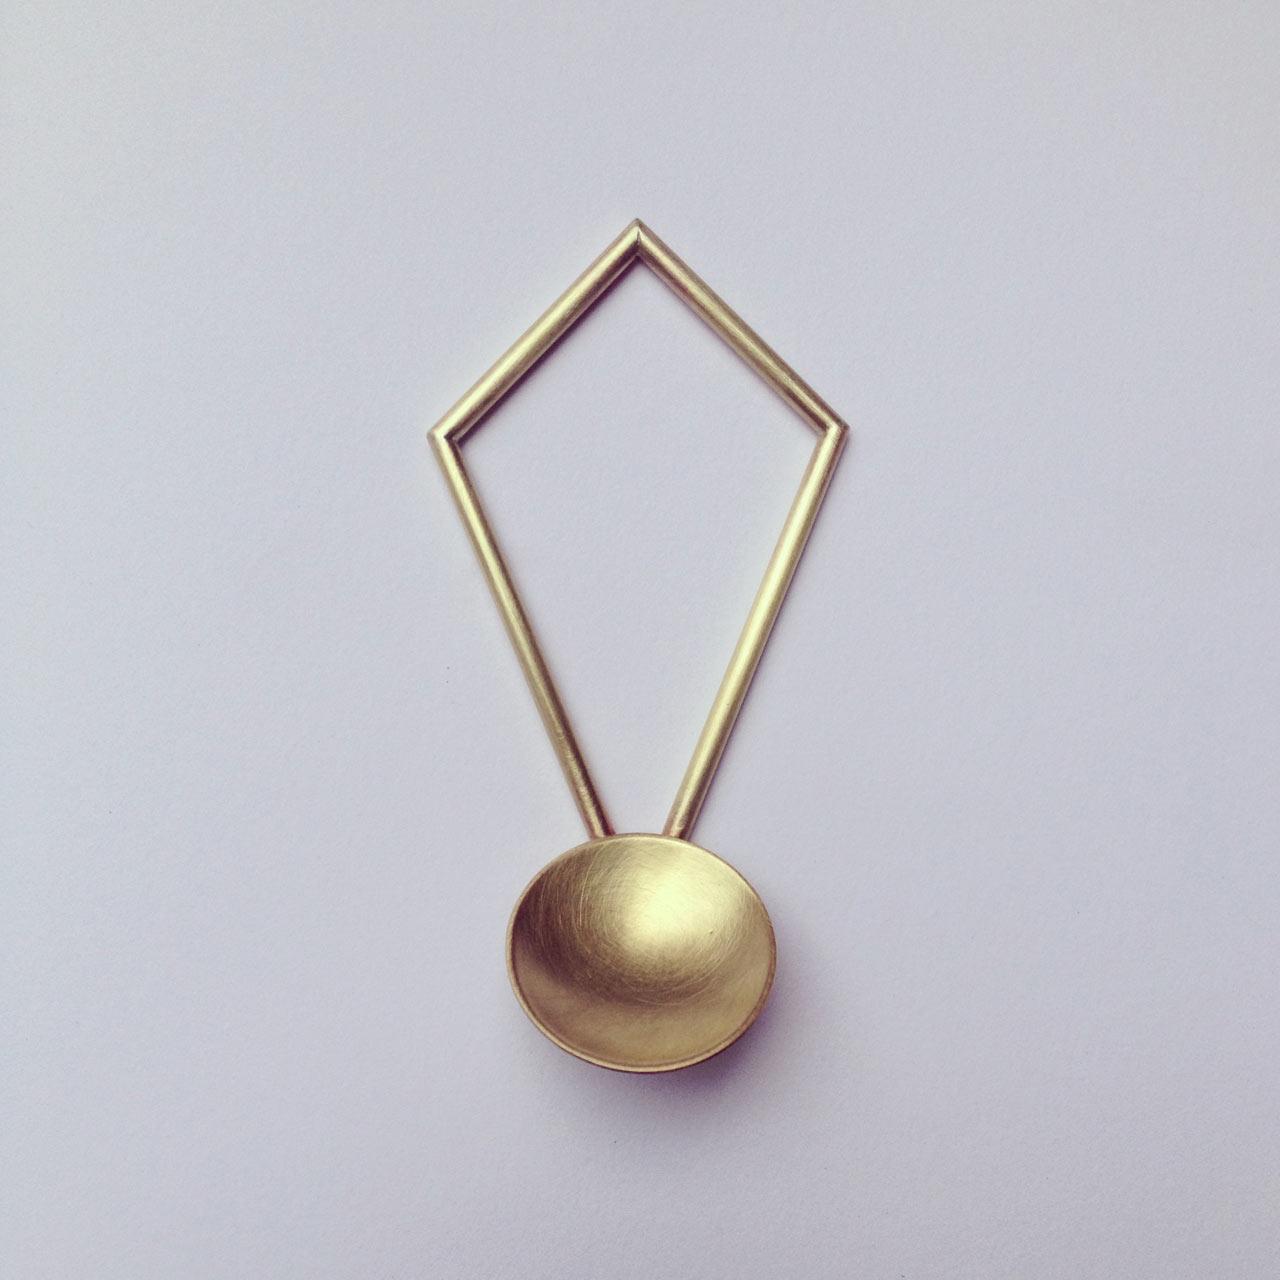 Brass_Spoon